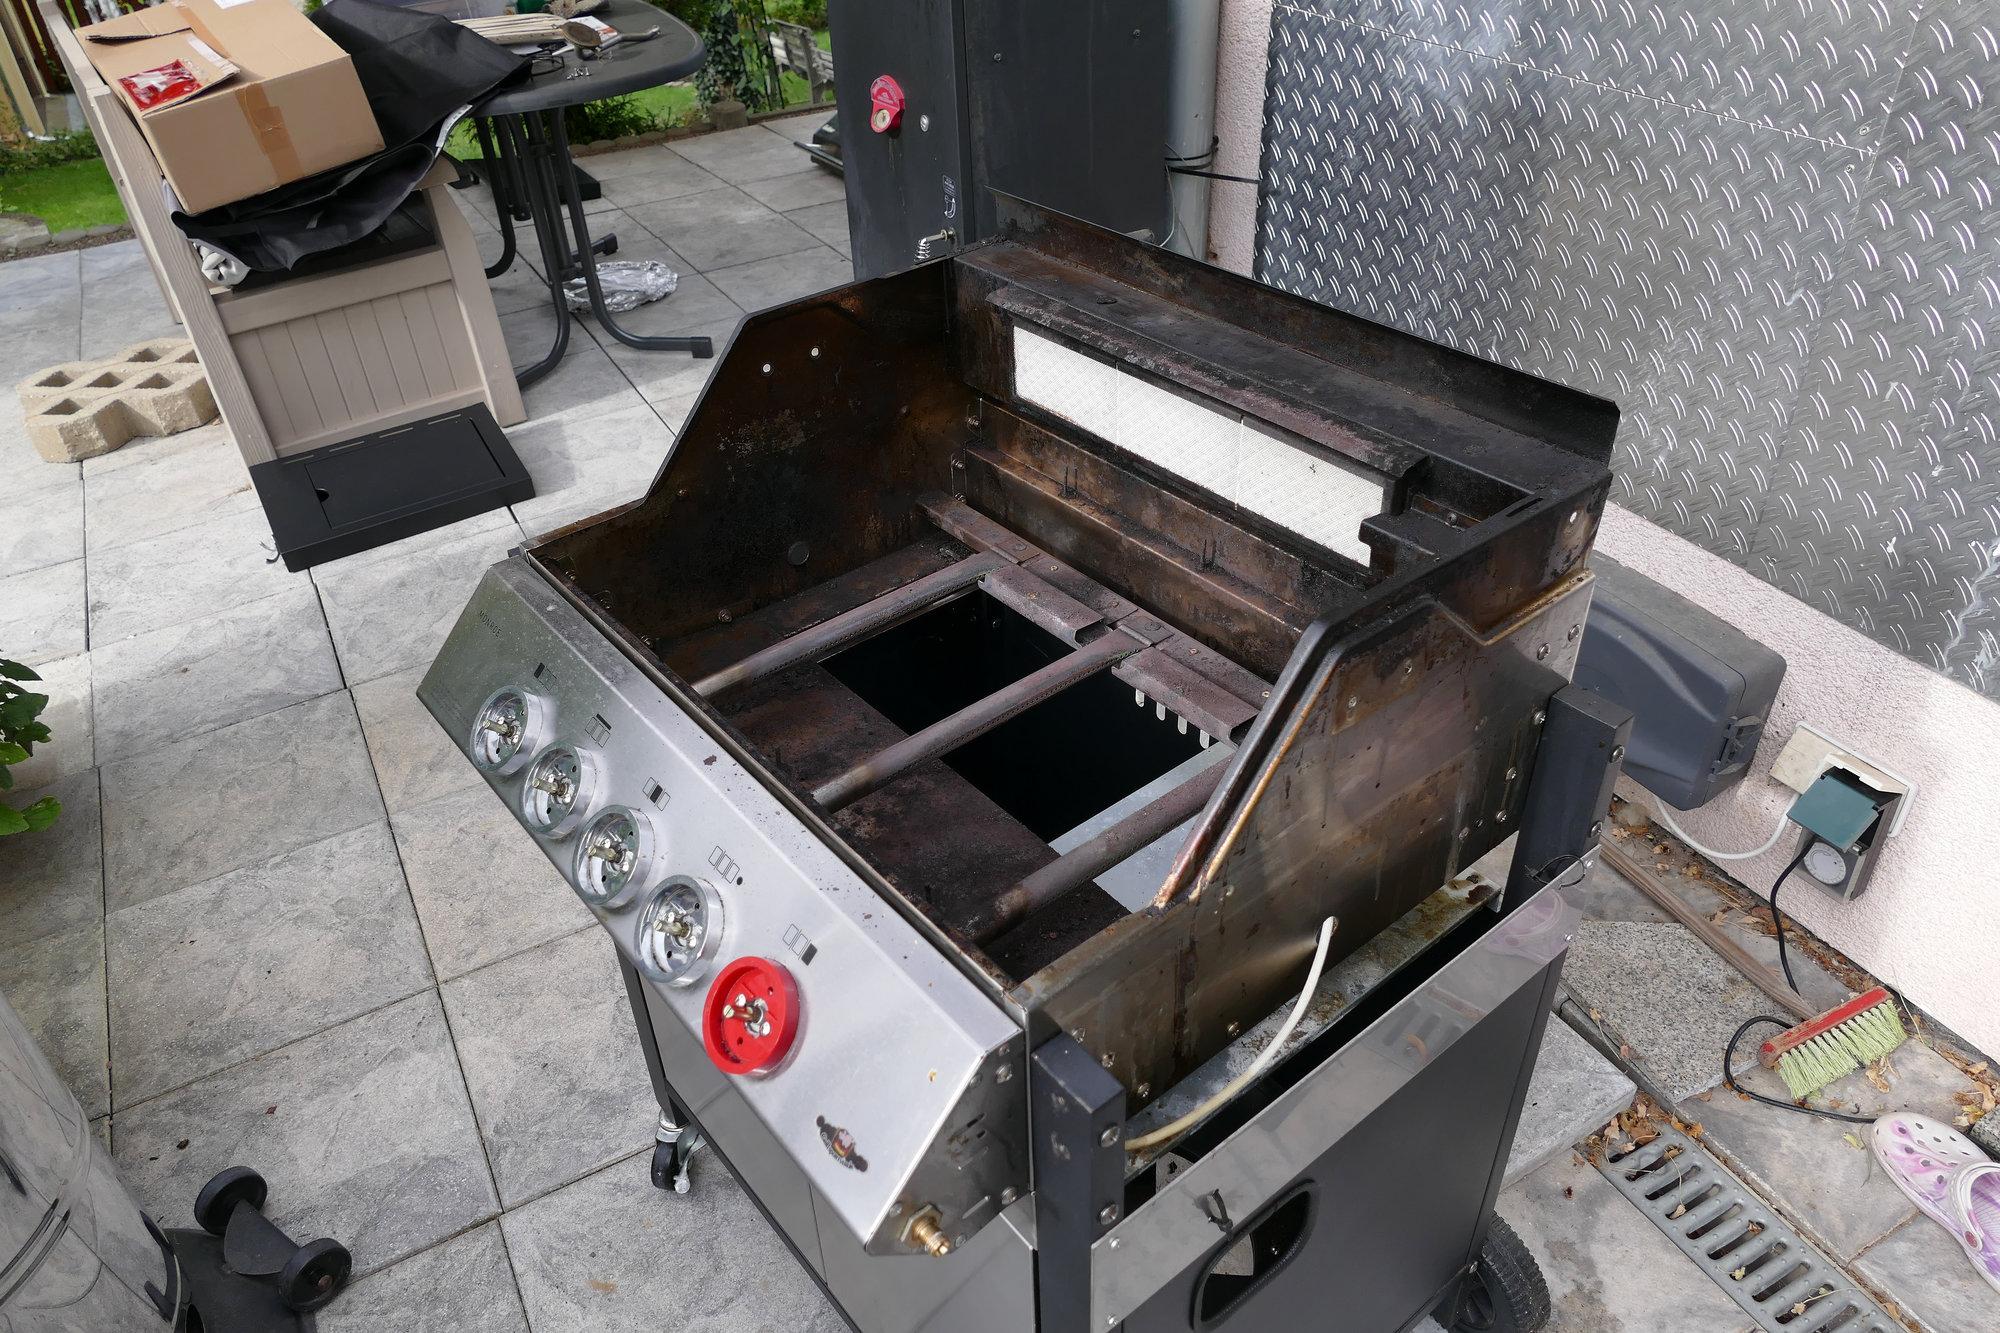 Enders Gasgrill Ausbrennen : Gasgrill reinigen grillrost reinigen grillreiniger youtube